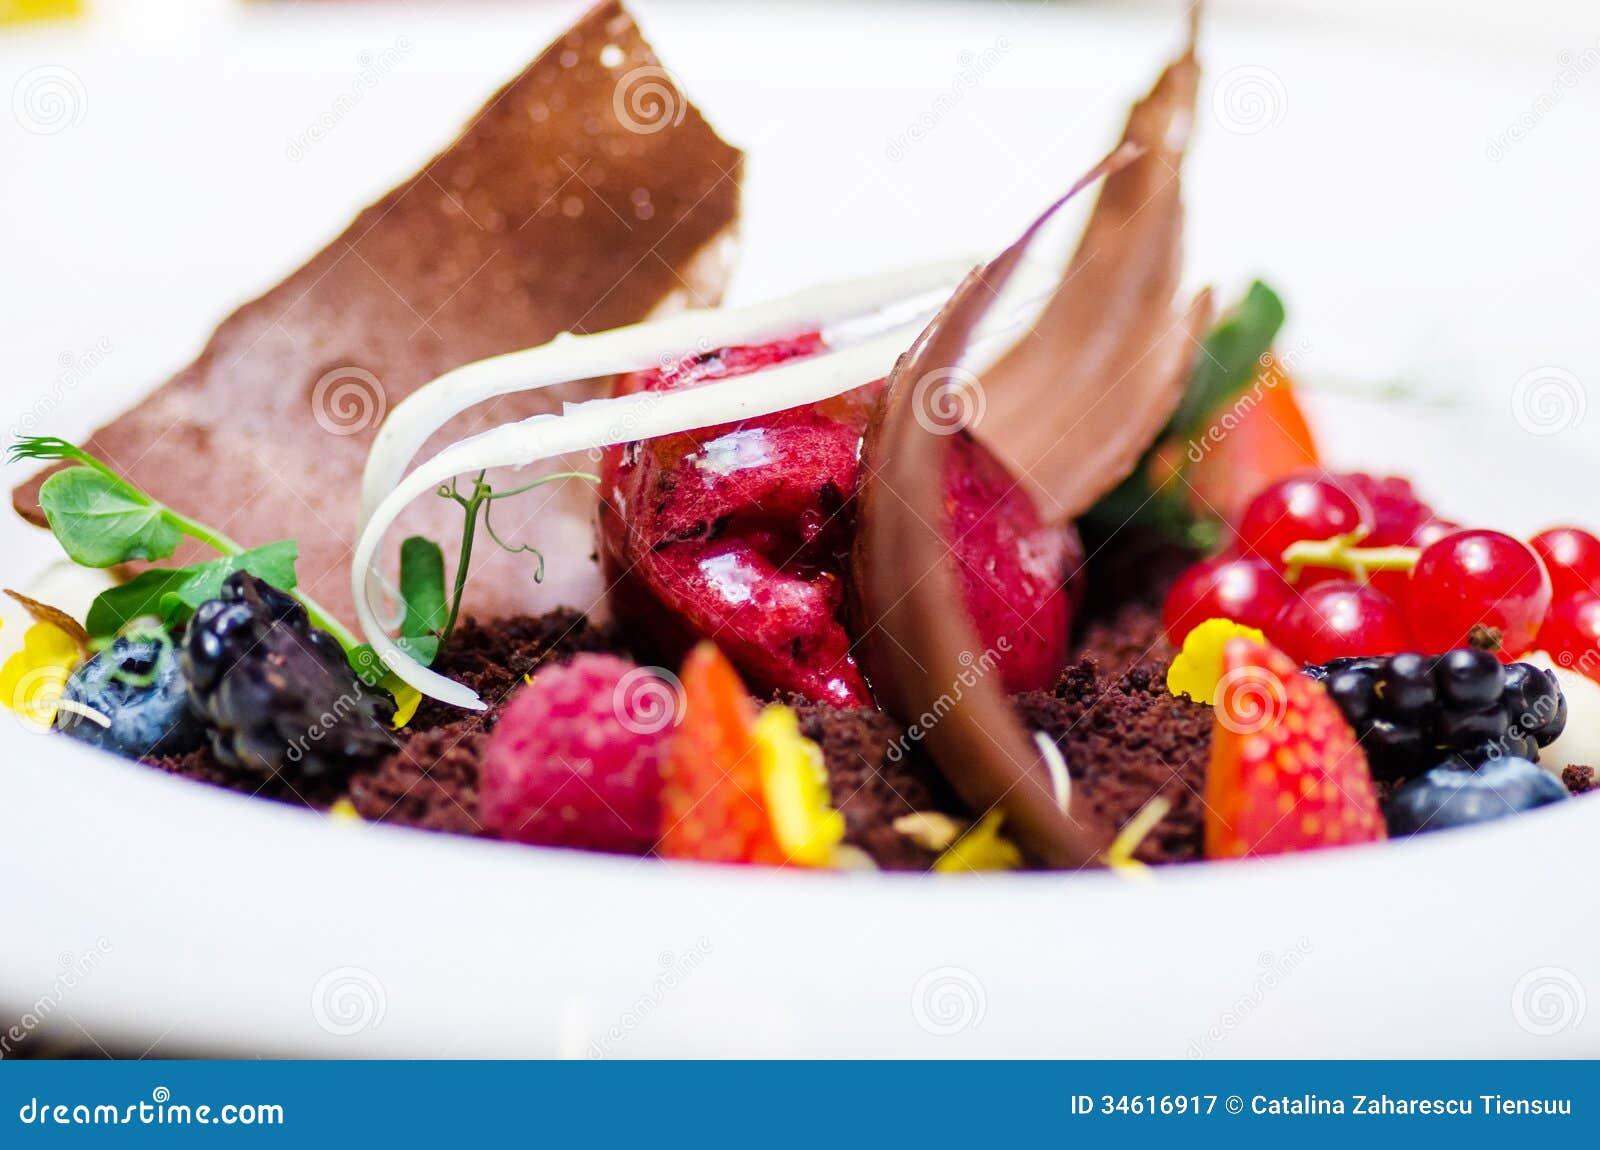 gourmet dessert stock image image of plate food dinner. Black Bedroom Furniture Sets. Home Design Ideas